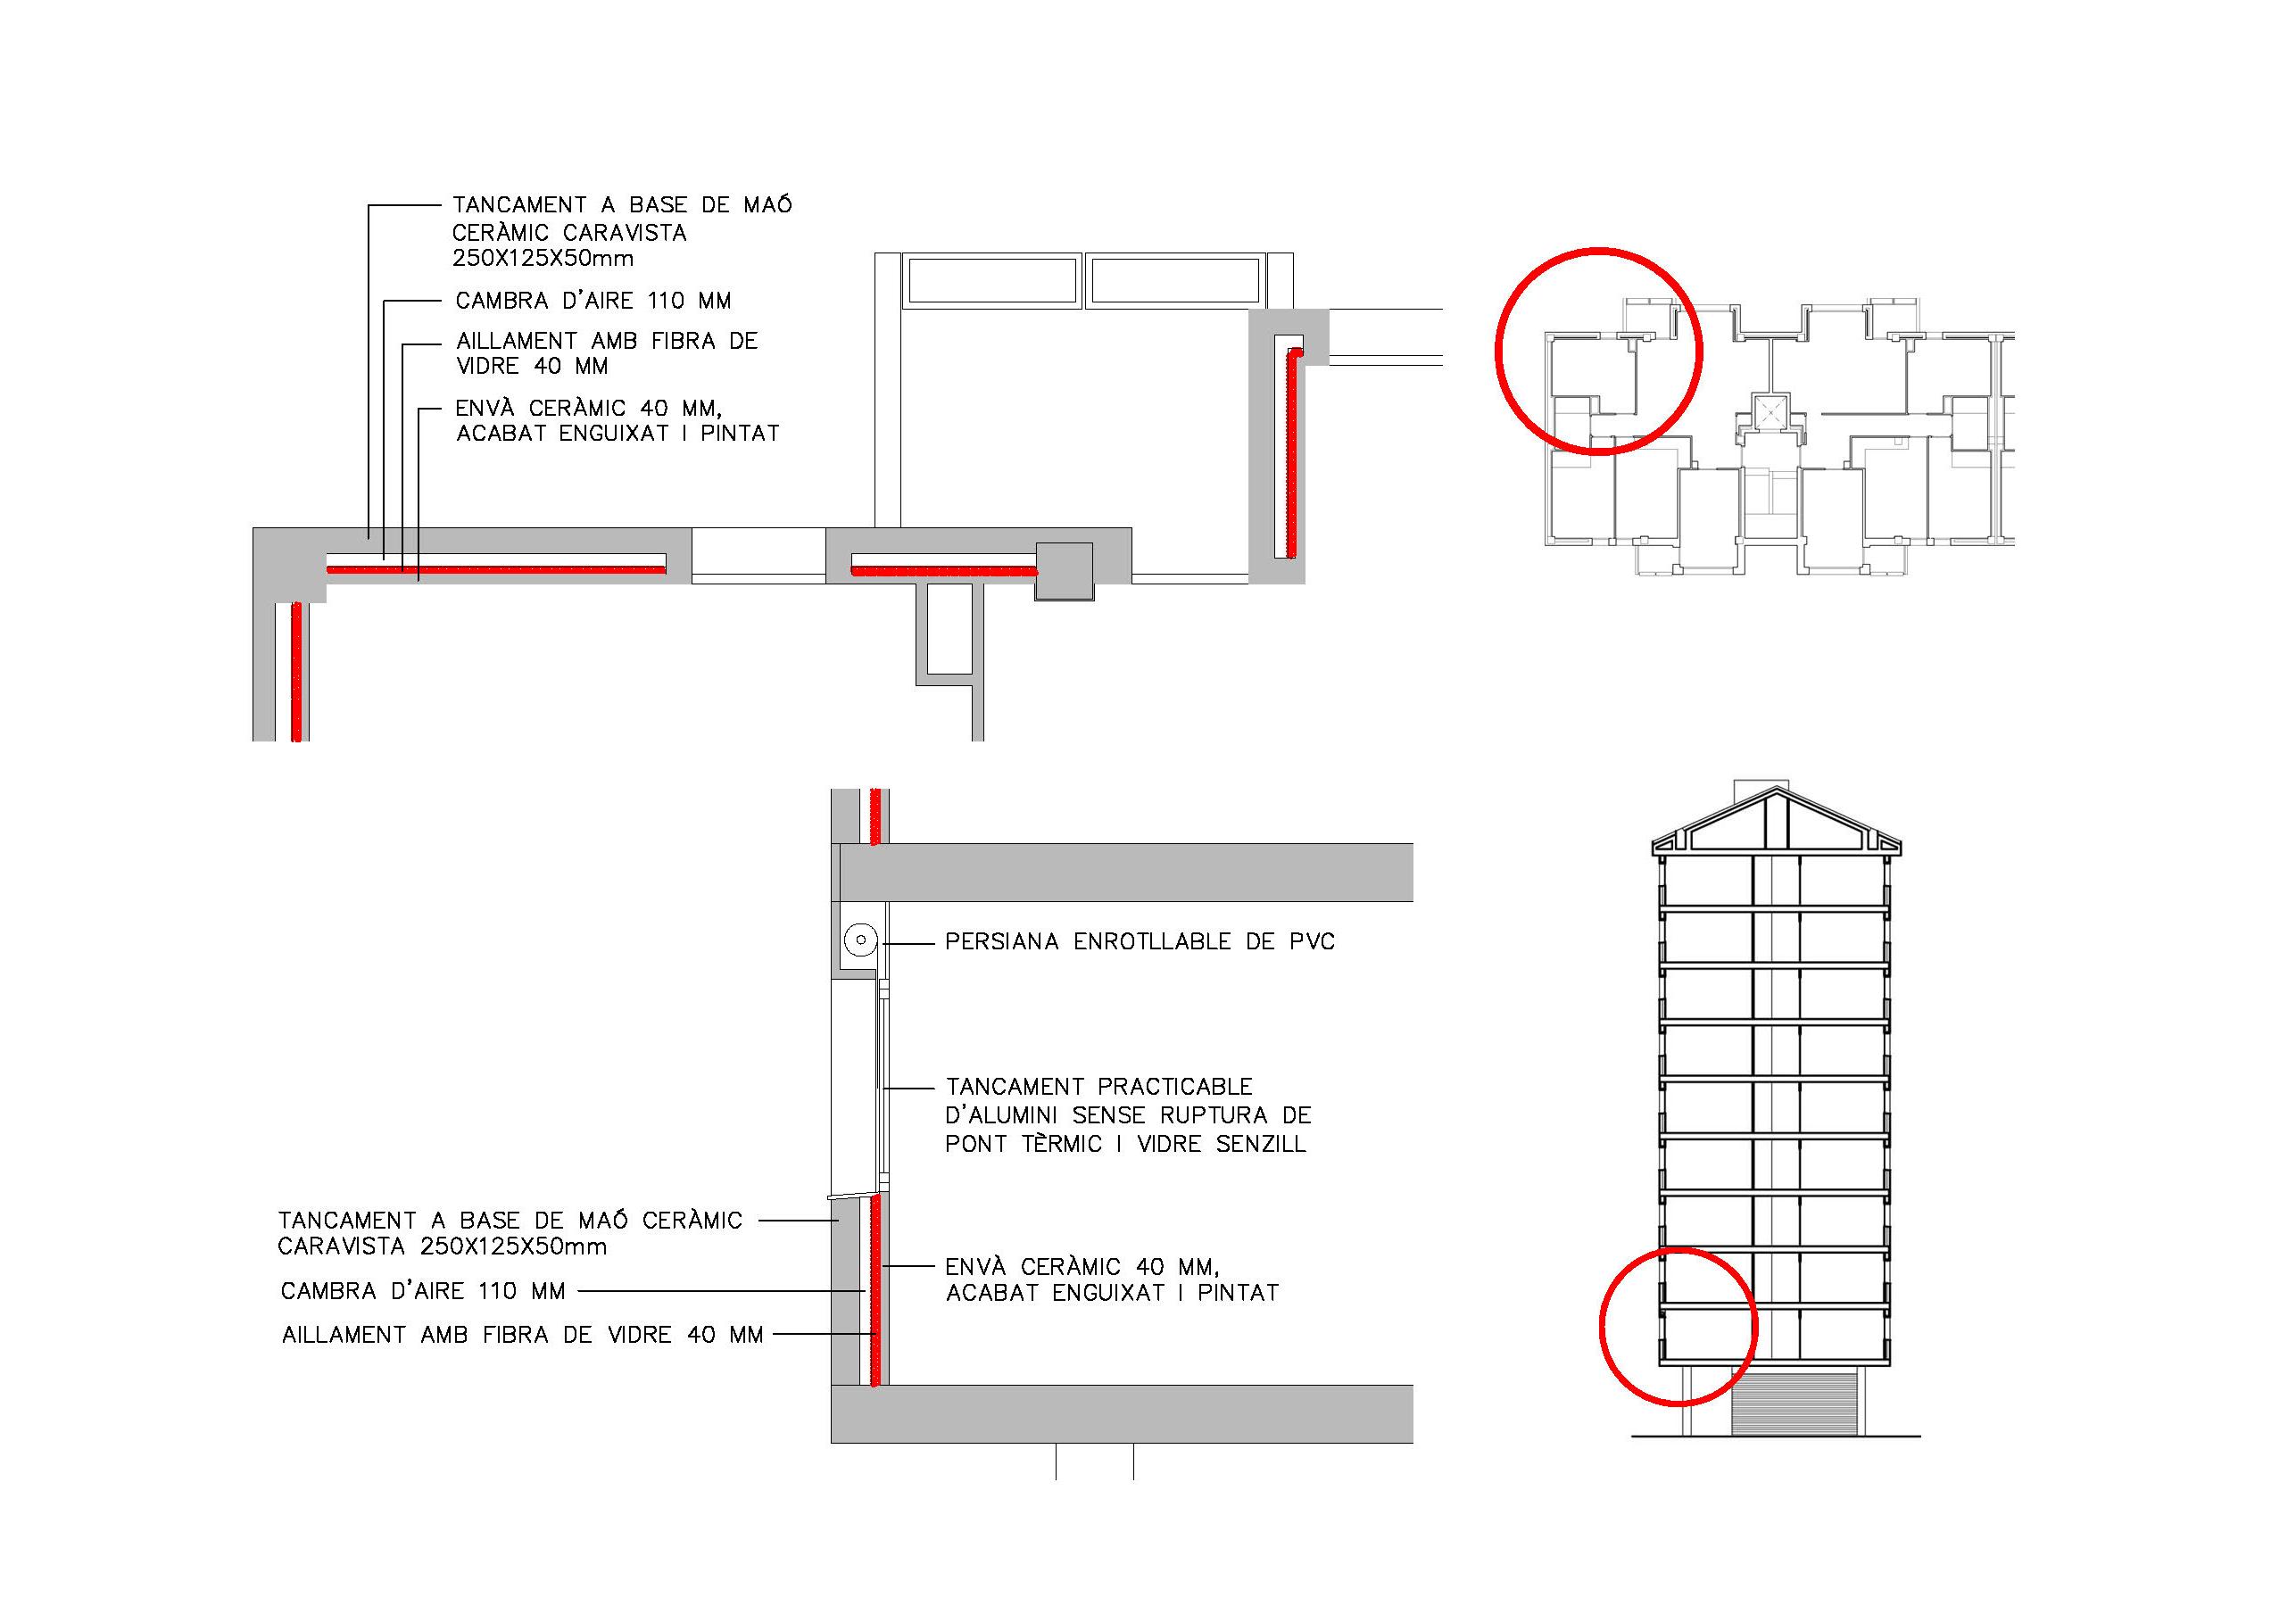 Páginas_desde2014-02-20_presentacio_PIUS_XII_[Modo_de_compatibilidad]_Página_02.jpg